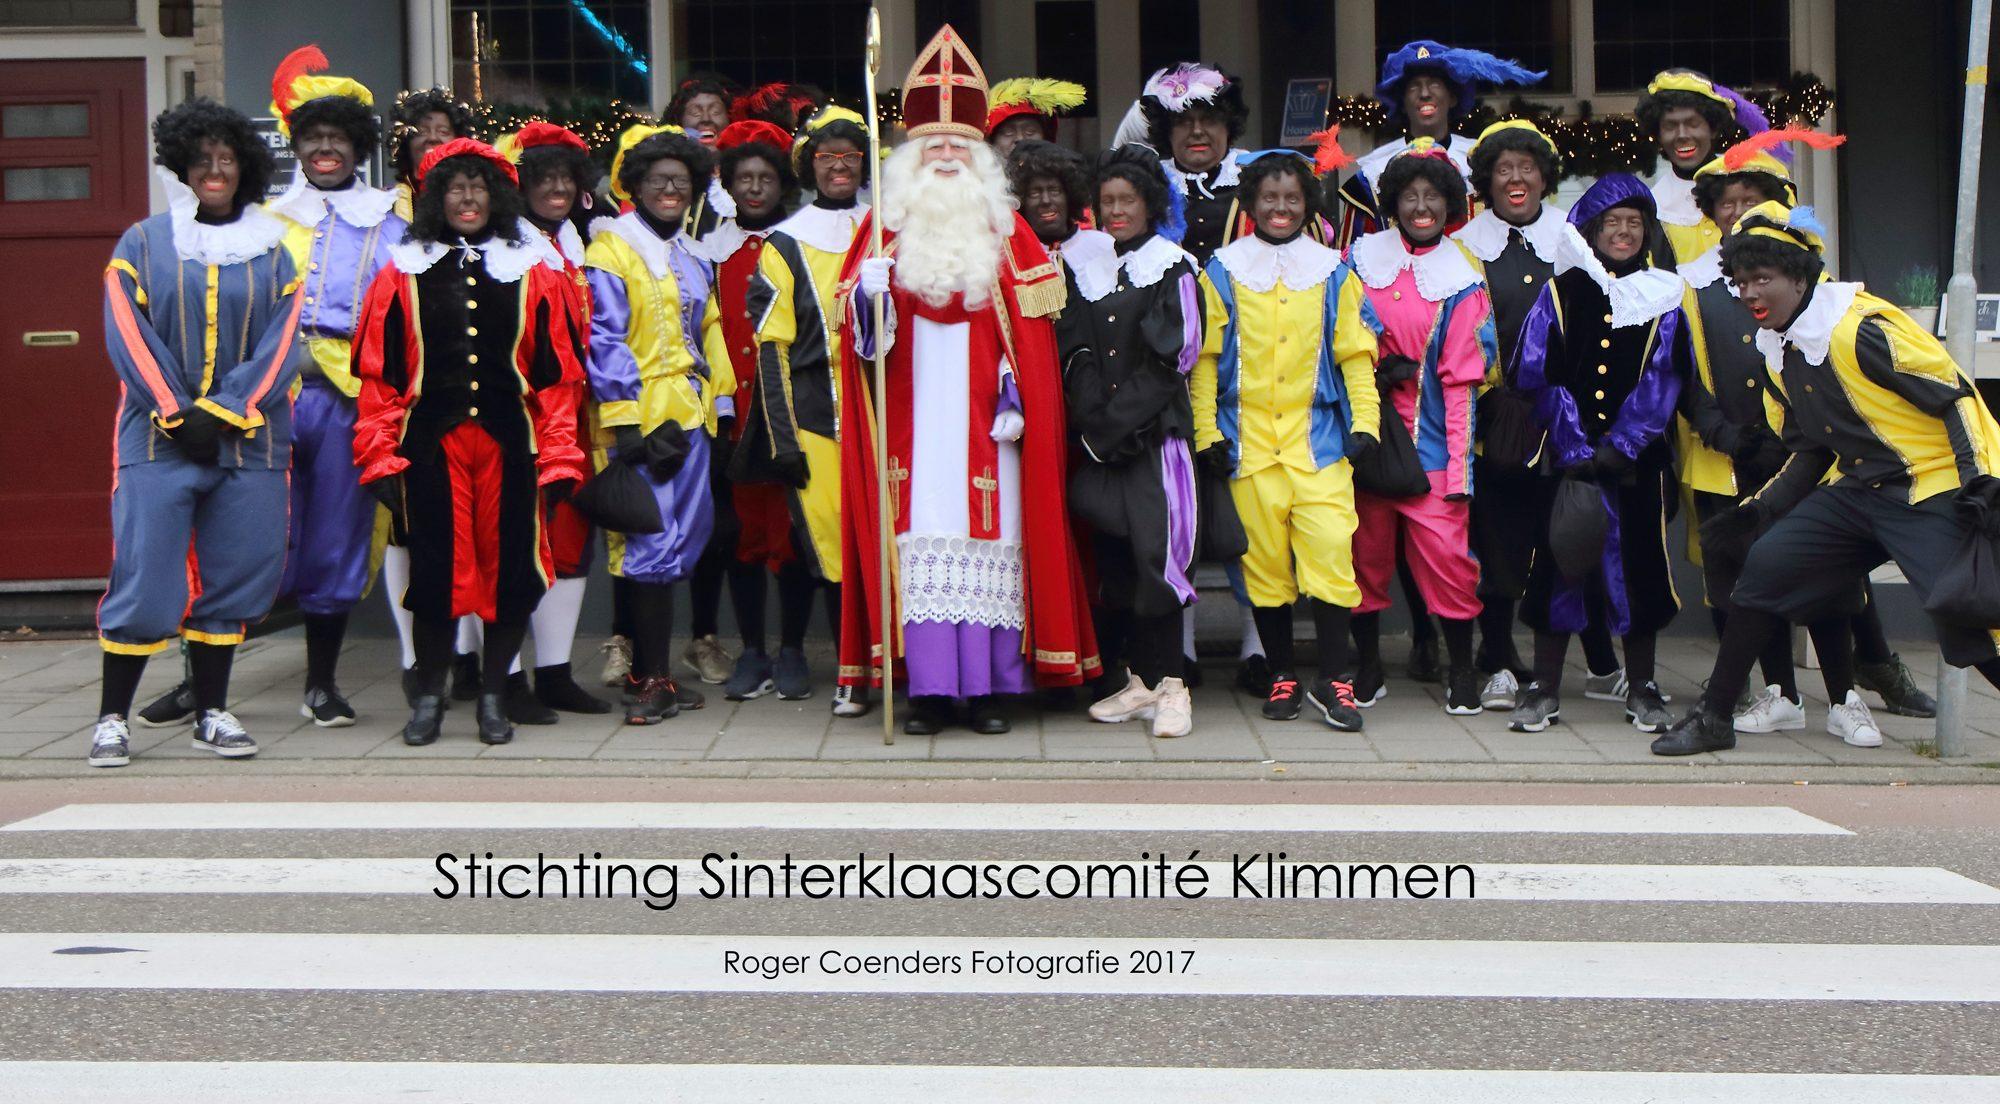 Stichting Sinterklaascomité Klimmen